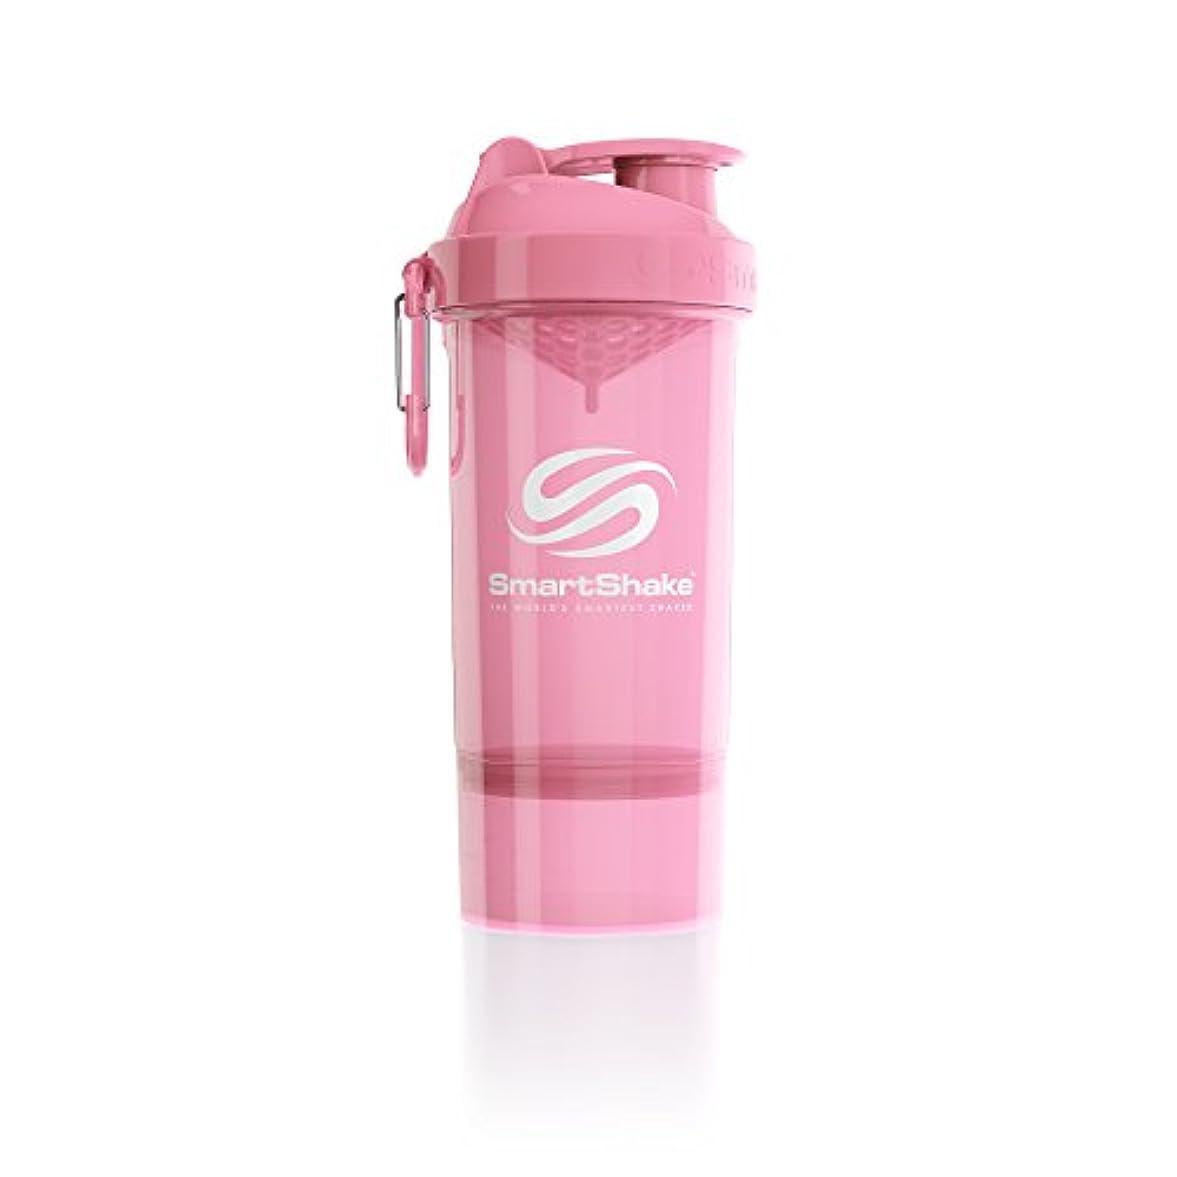 キャンバス提供する消毒剤SmartShake(スマートシェイク) SmartShake ORIGINAL2GO ONE 800ml Light Pink 多機能プロテインシェイカー ライトピンク 800ml大容量 コンテナ1段タイプ